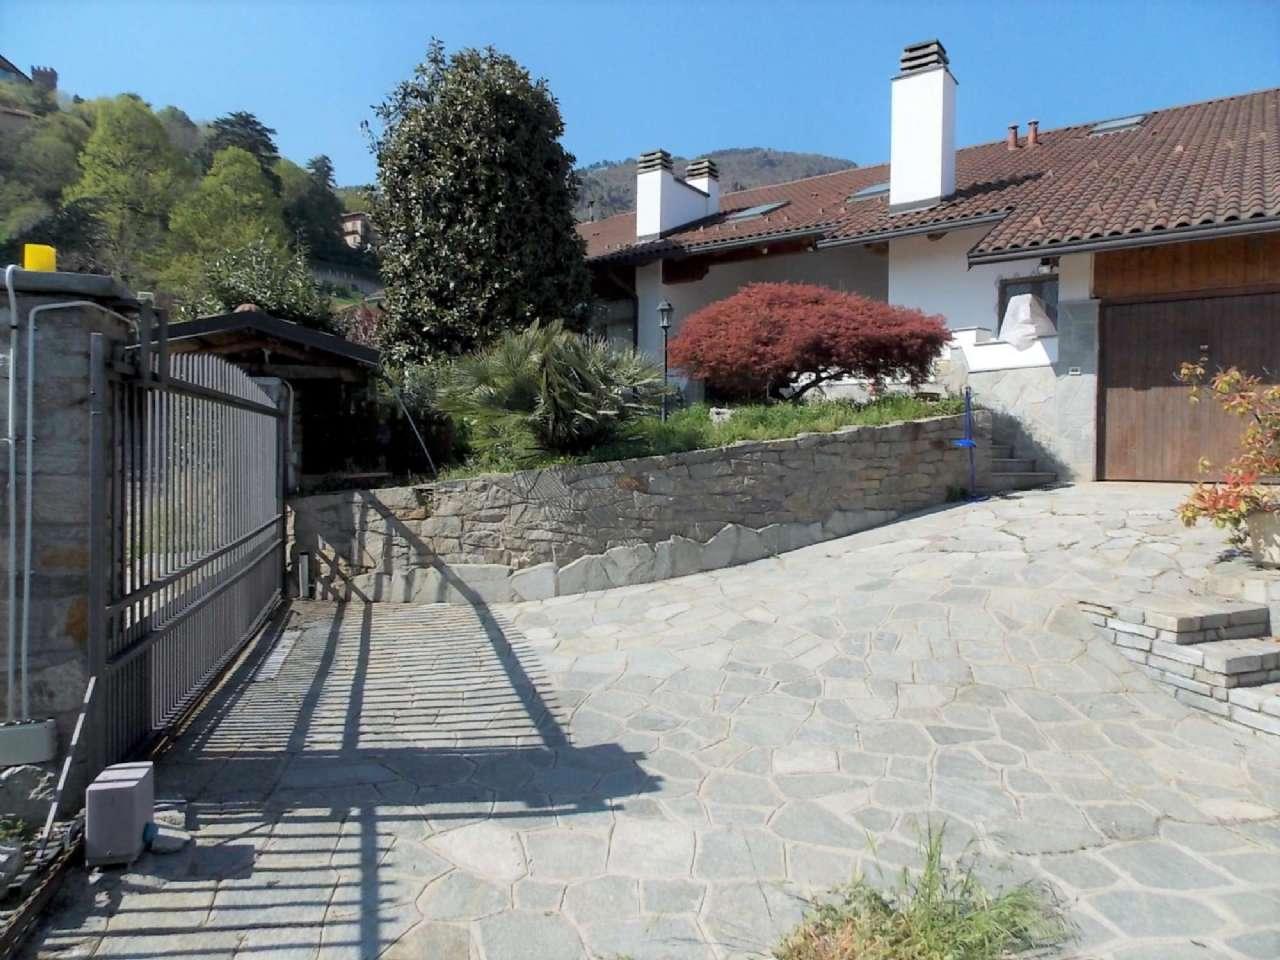 Immagine immobiliare Villa prestigiosa a Piossasco Piossasco, nella panoramica zona collinare che fa da cornice al predominante